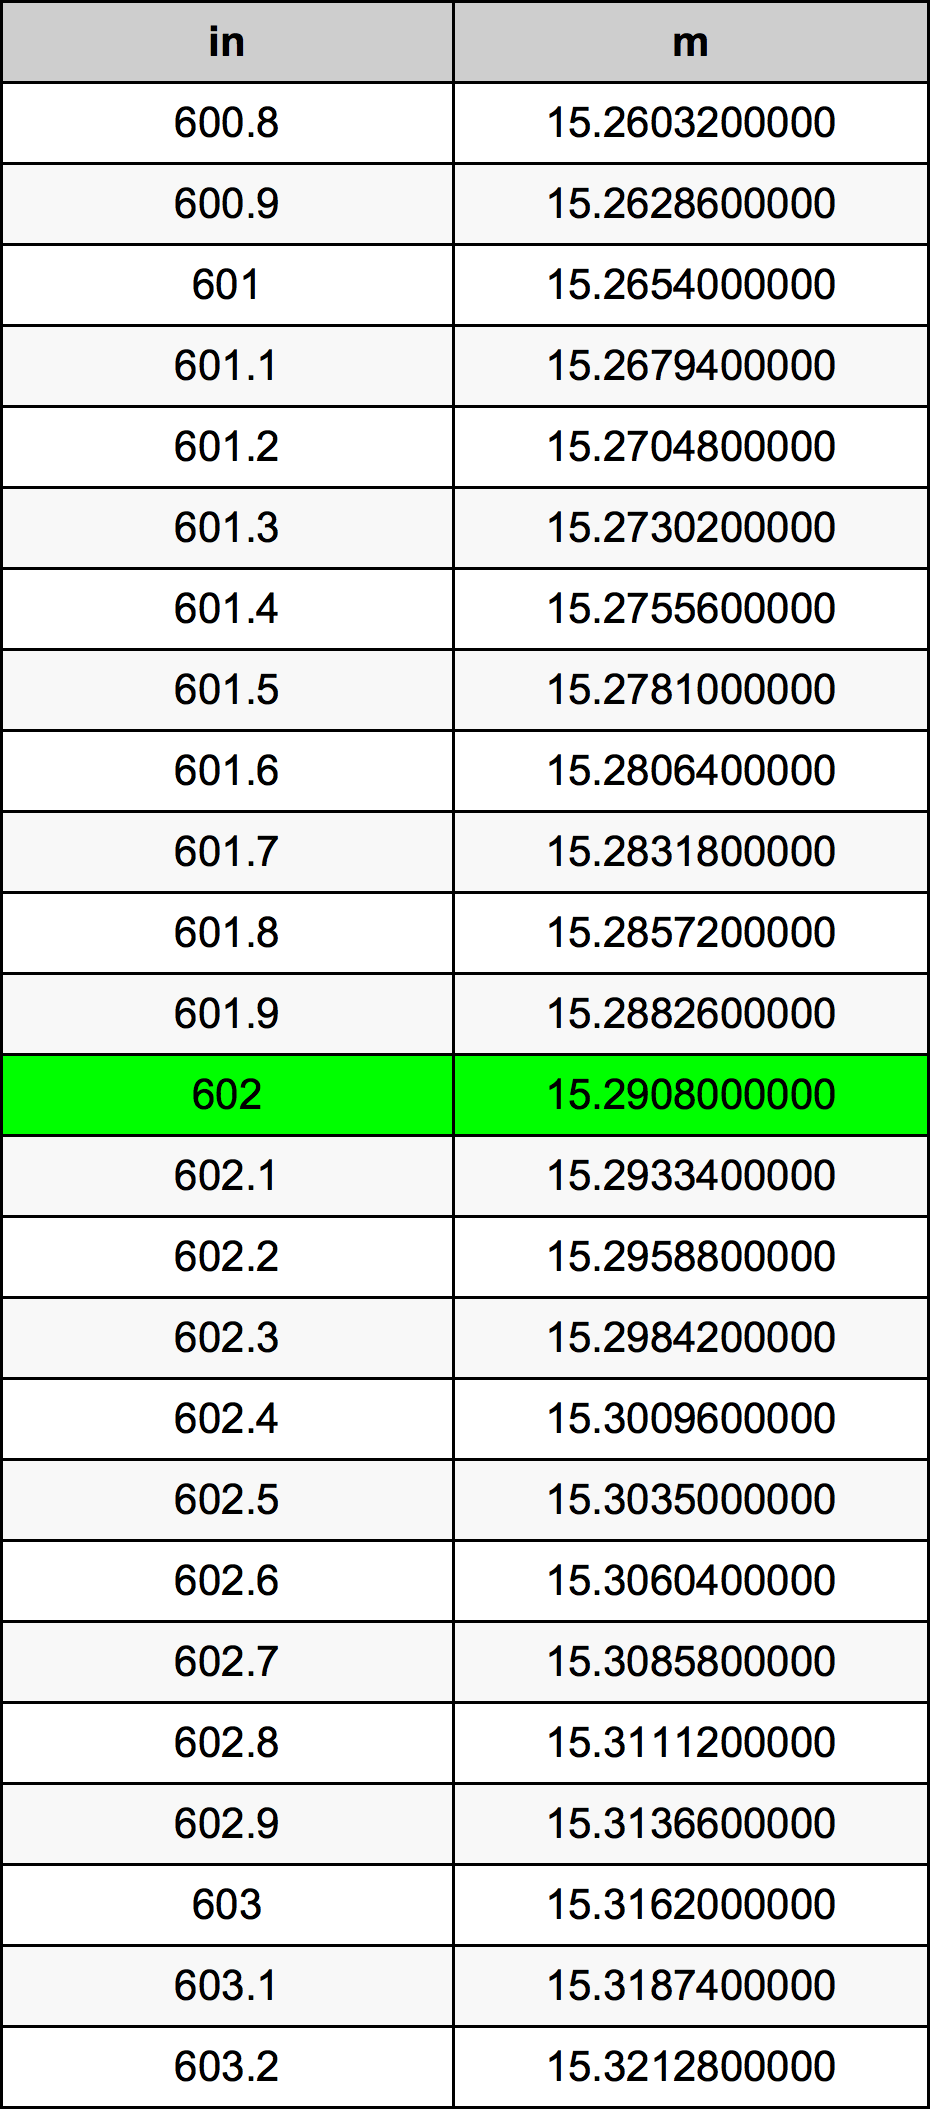 602 Țol tabelul de conversie